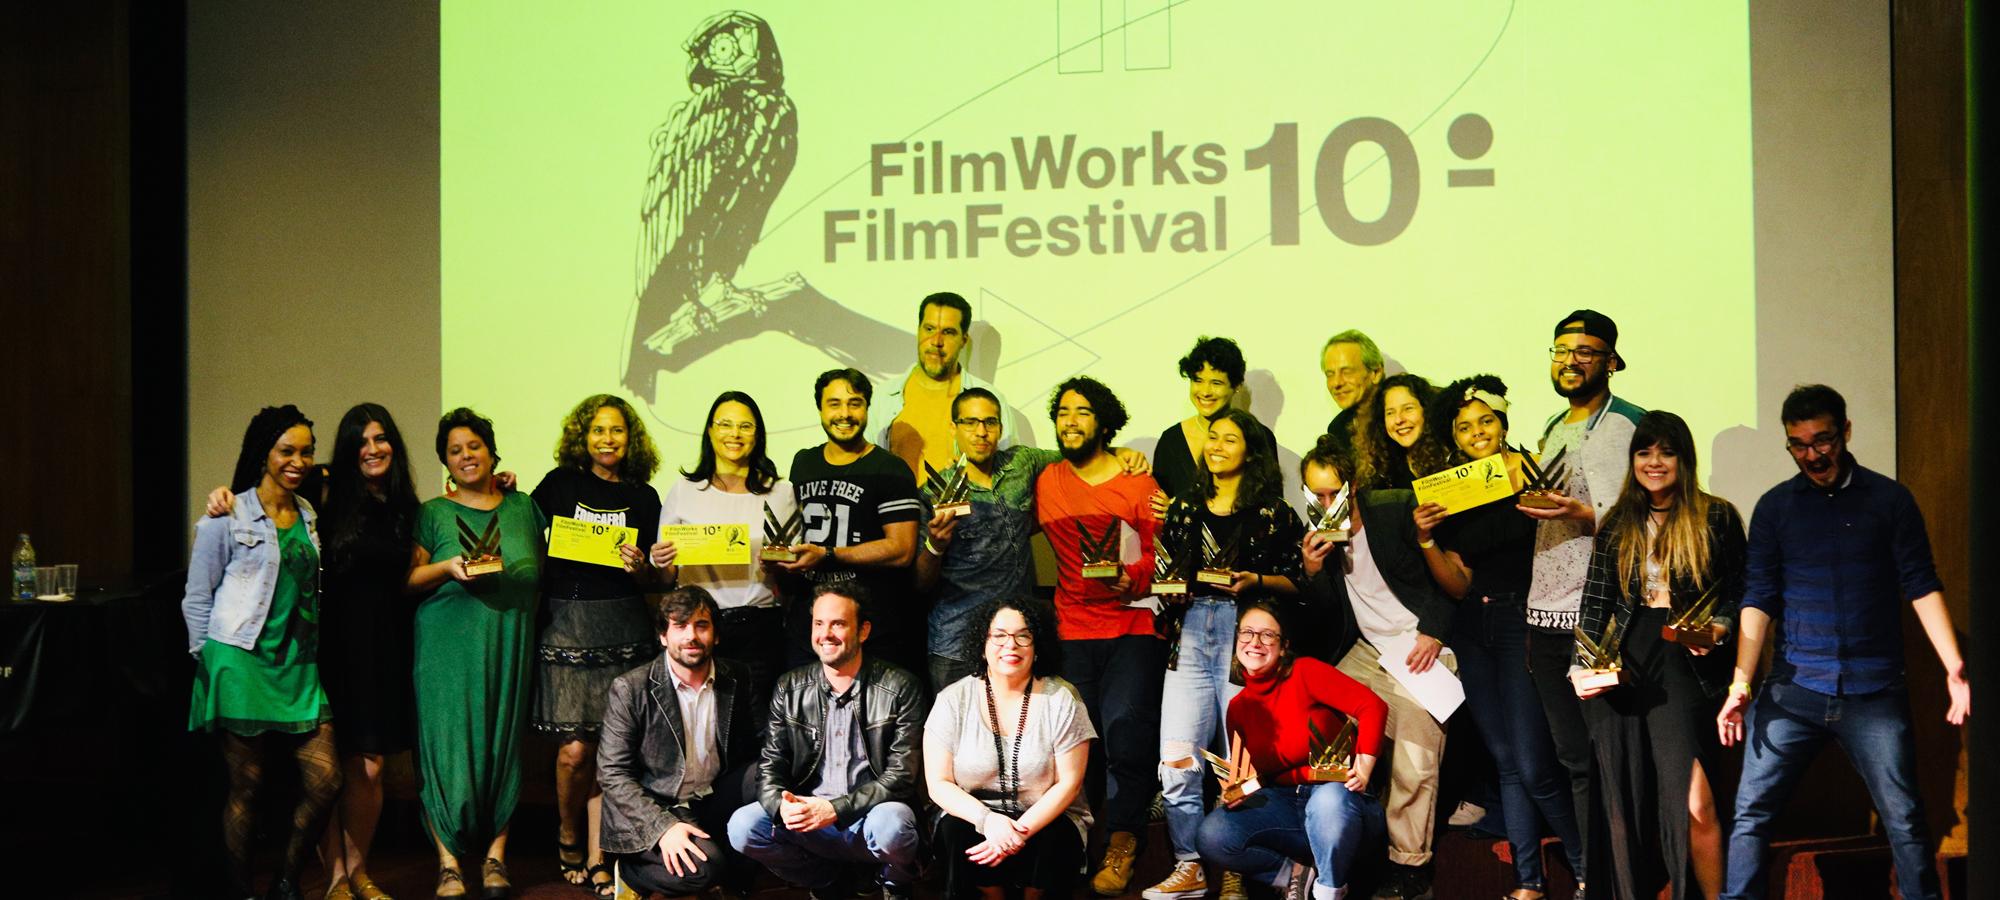 Vencedores Filmworks Film Festival 2019 | Rio de Janeiro